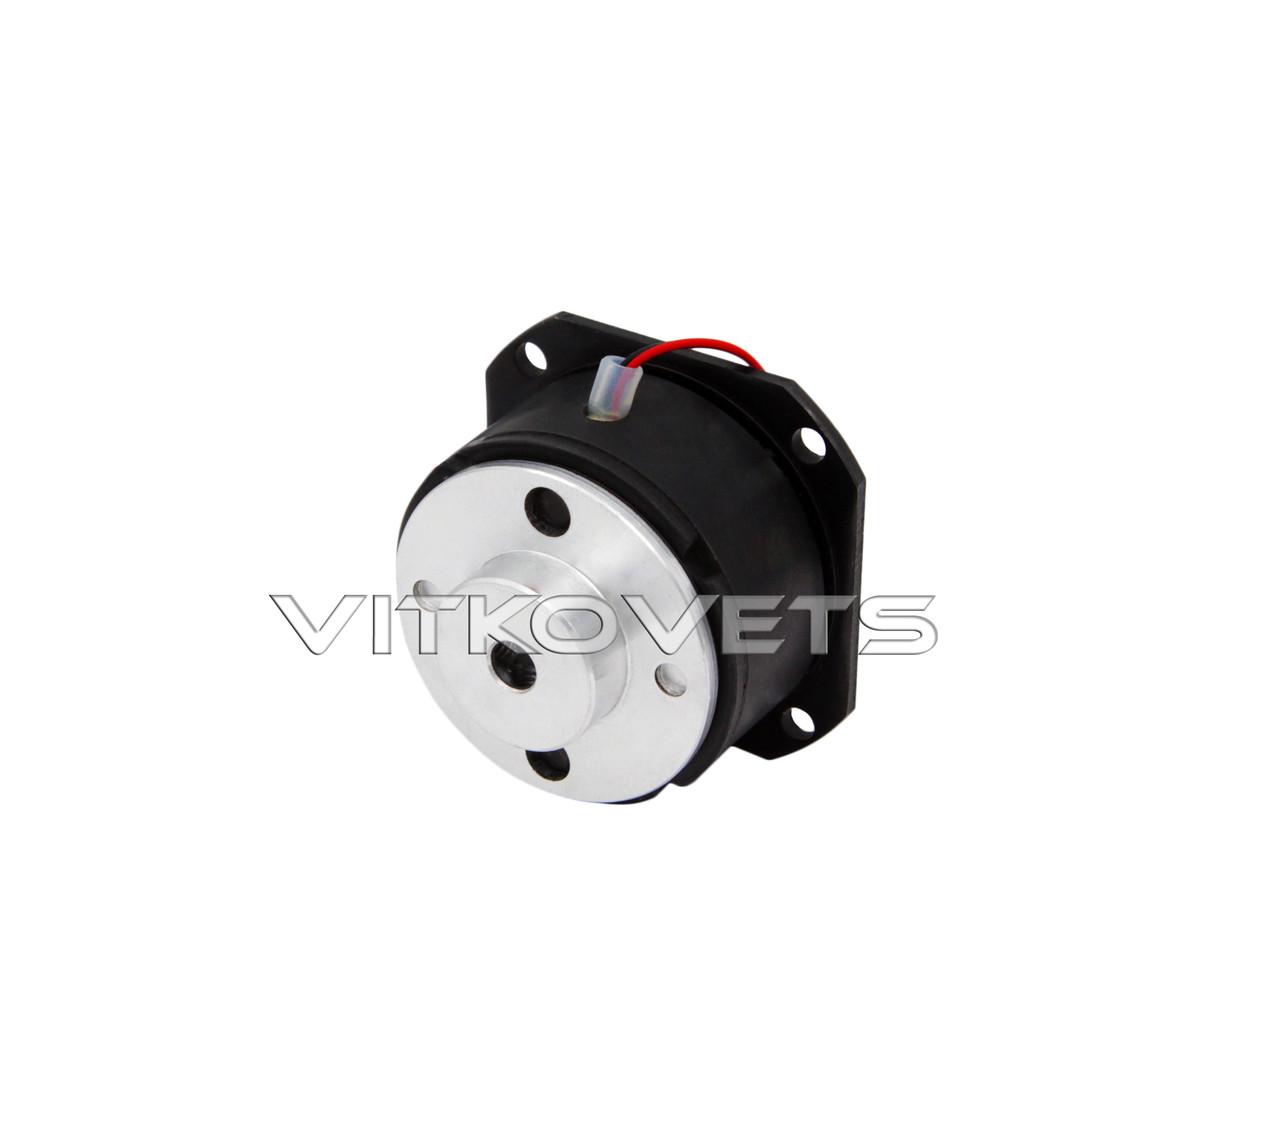 Электромагнитный тормоз для шагового двигателя BSM-0.6, 0.6Nm, NEMA17